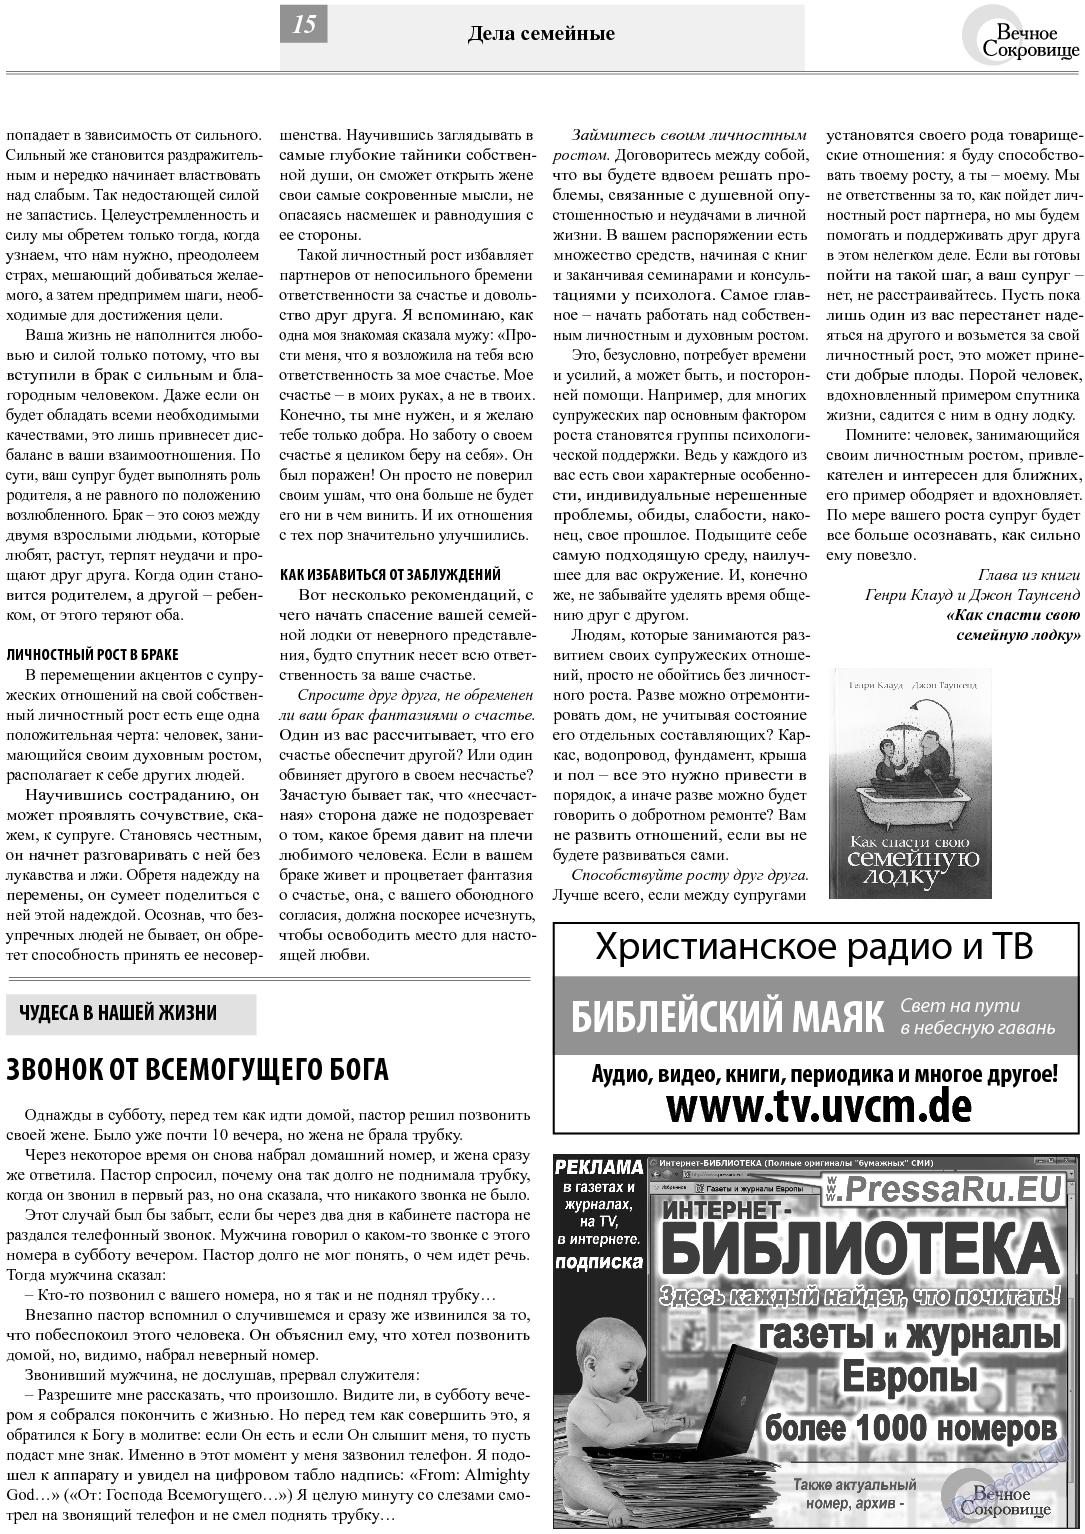 Вечное сокровище (газета). 2013 год, номер 6, стр. 15